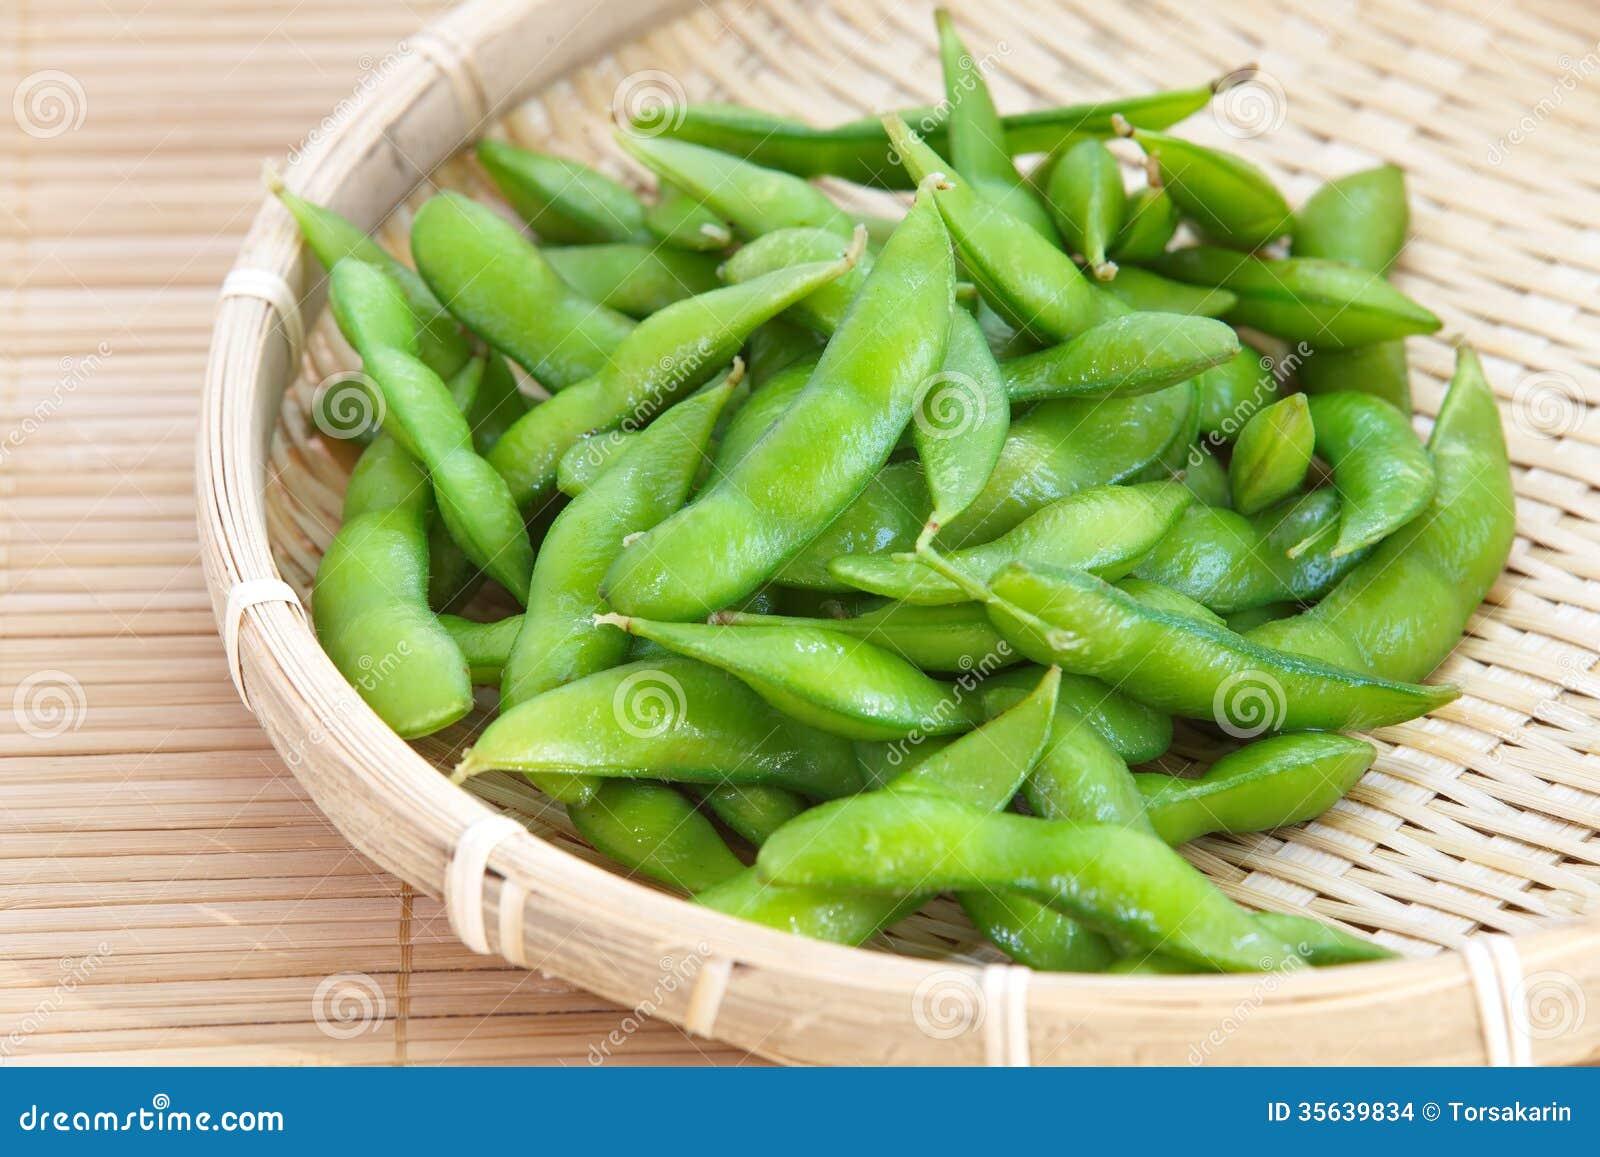 Mordiscos de Edamame, habas verdes hervidas de la soja